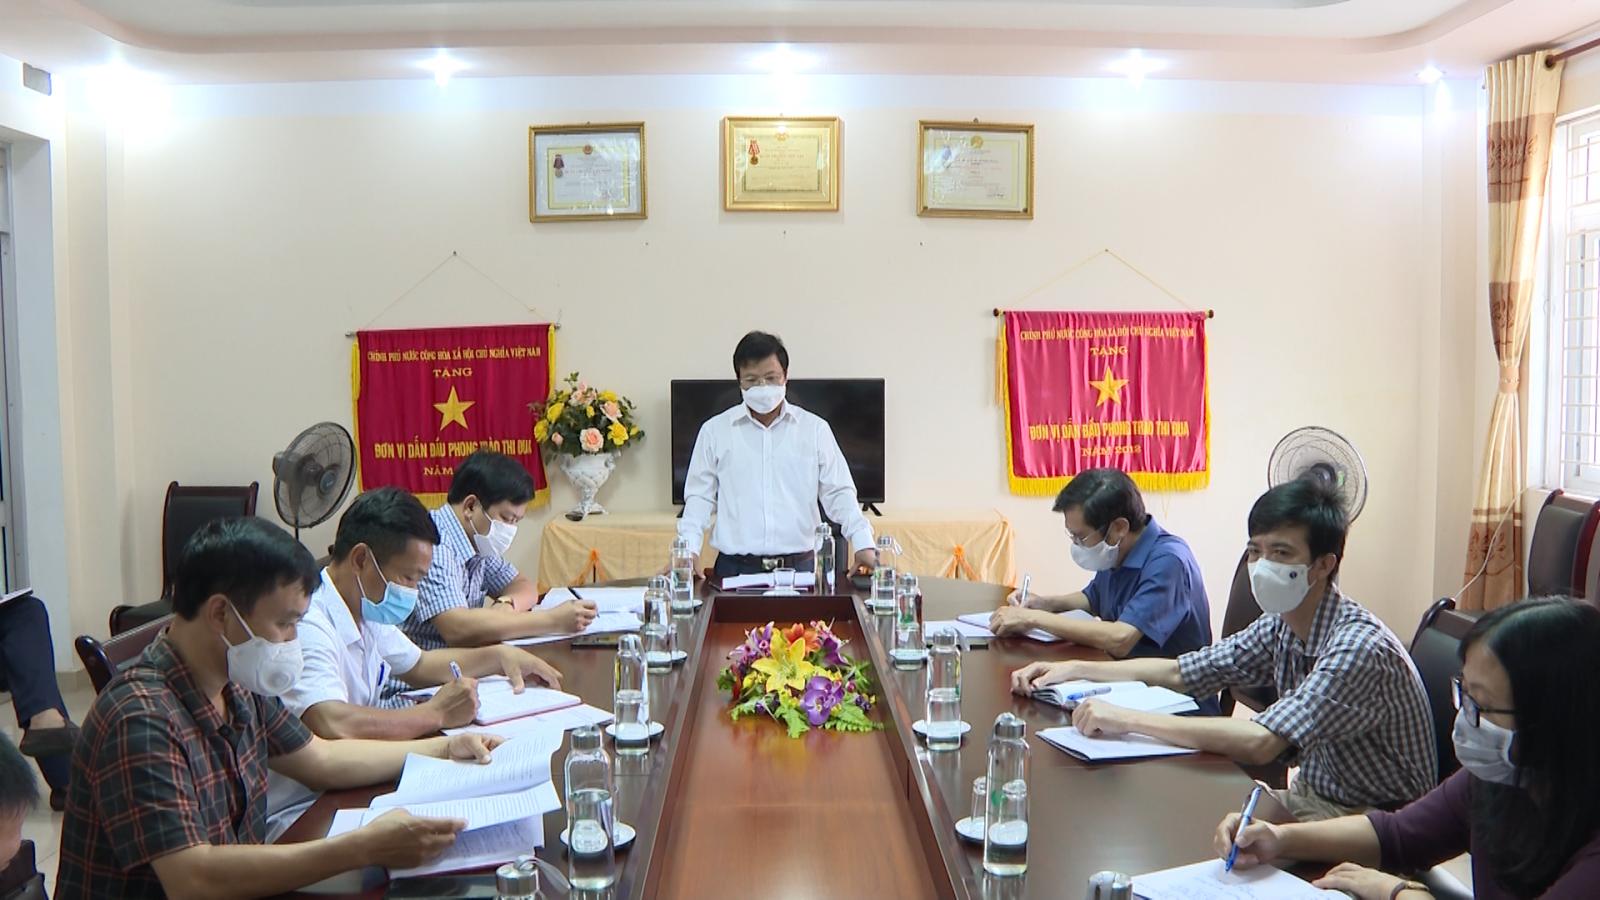 Báo Quảng Bình nỗ lực đổi mới để bắt kịp xu thế phát triển báo chí hiện đại